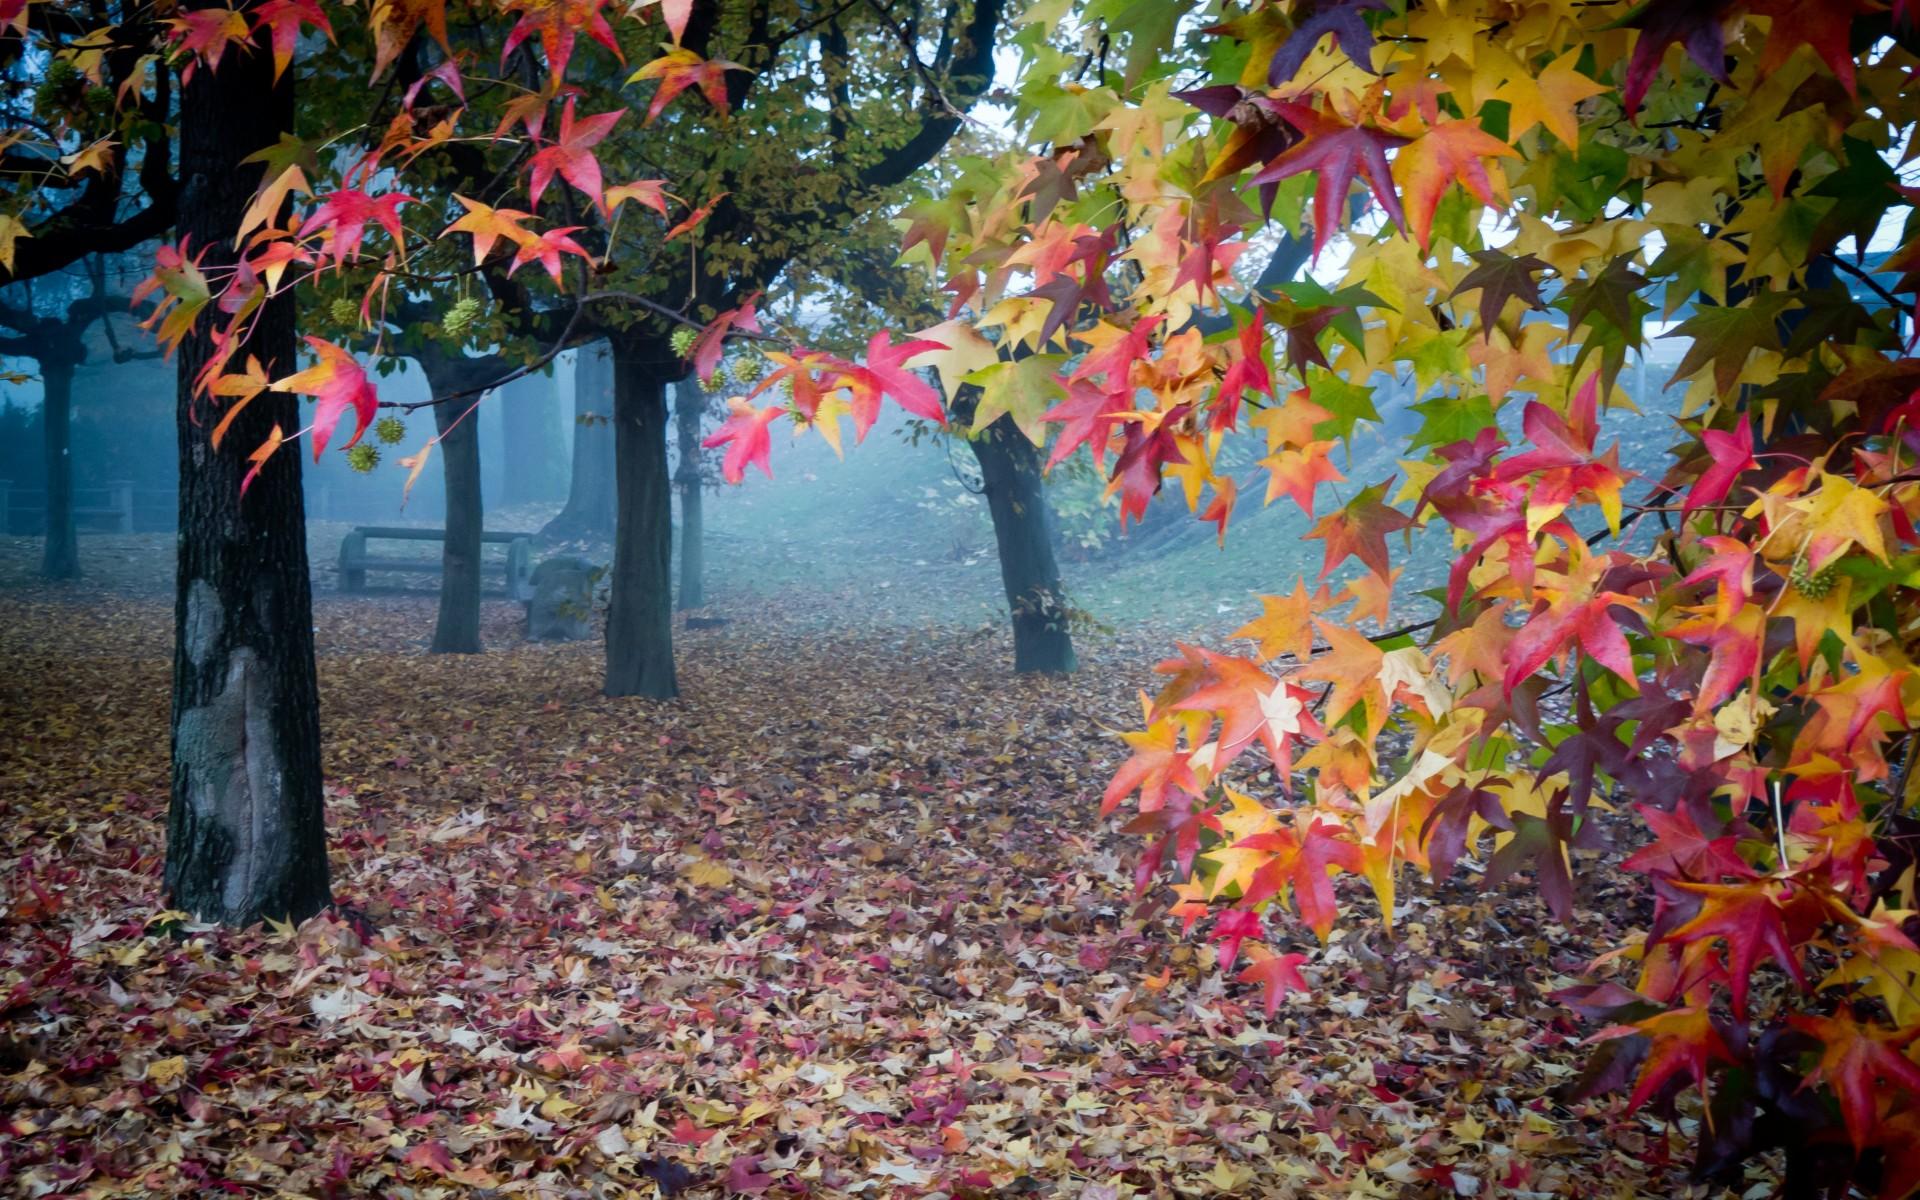 Landscapes Trees Park Bench Autumn Wallpaper 1920x1200